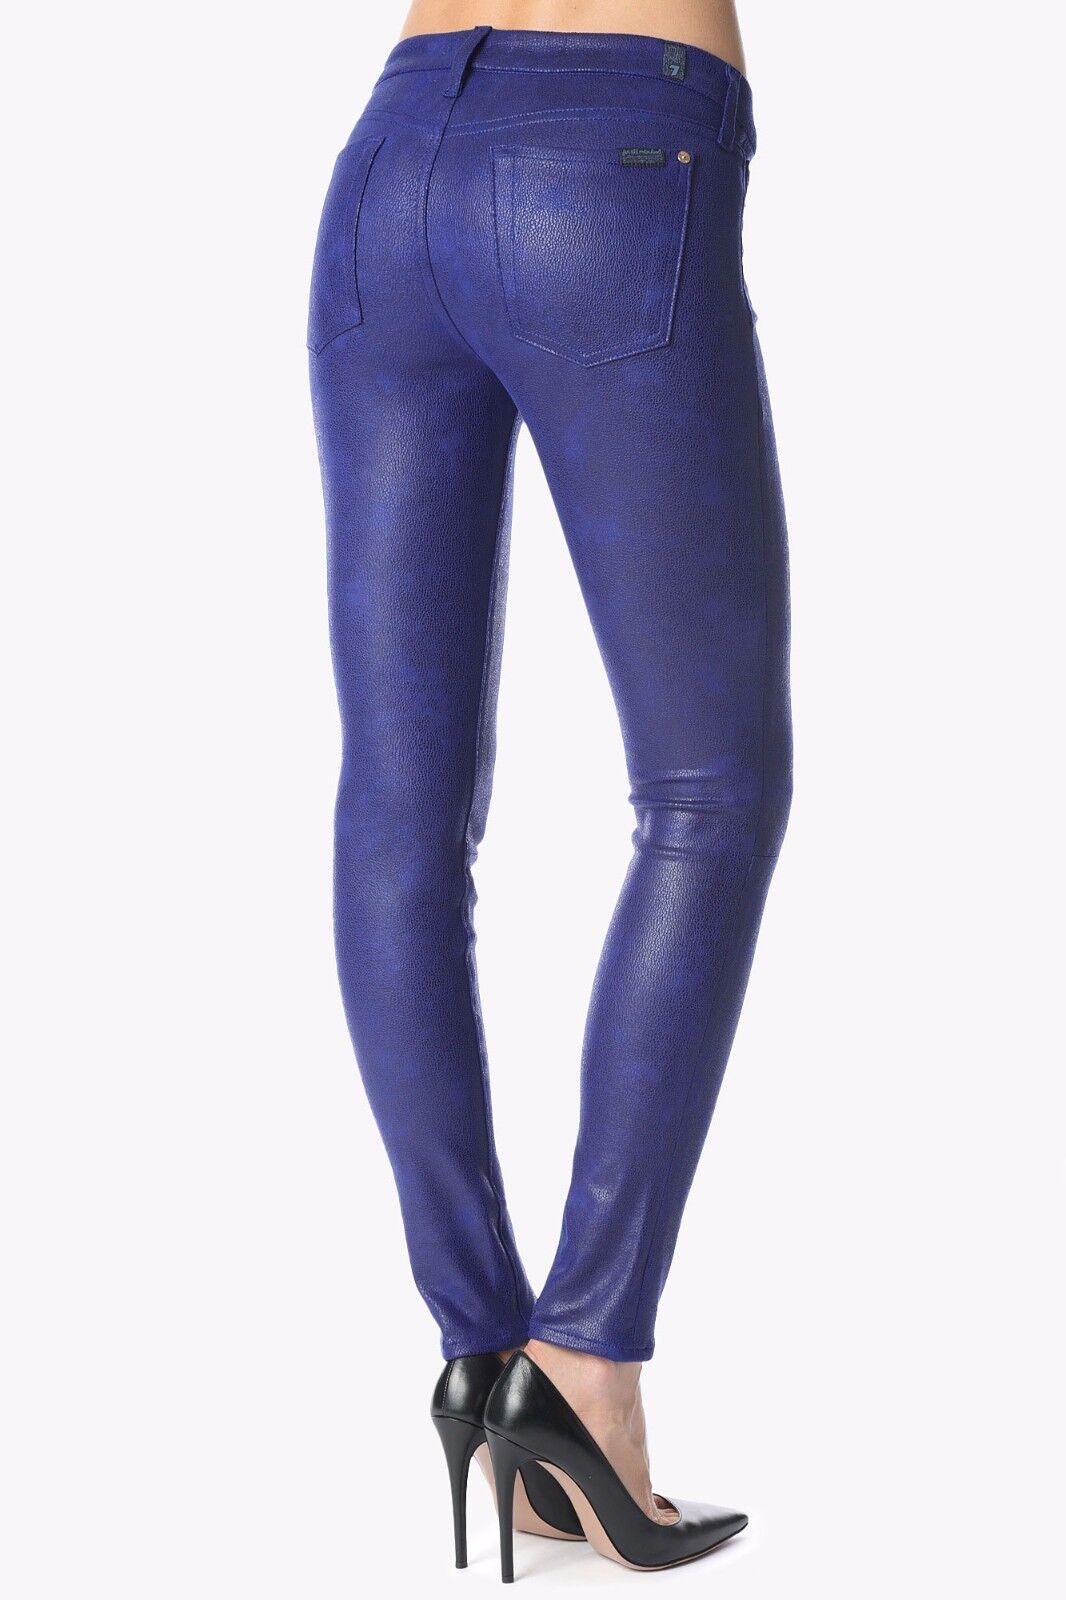 Nwt 7 für Alle Sz25 The Gesäumt Röhrenjeans Splitter Lederartiger Blau